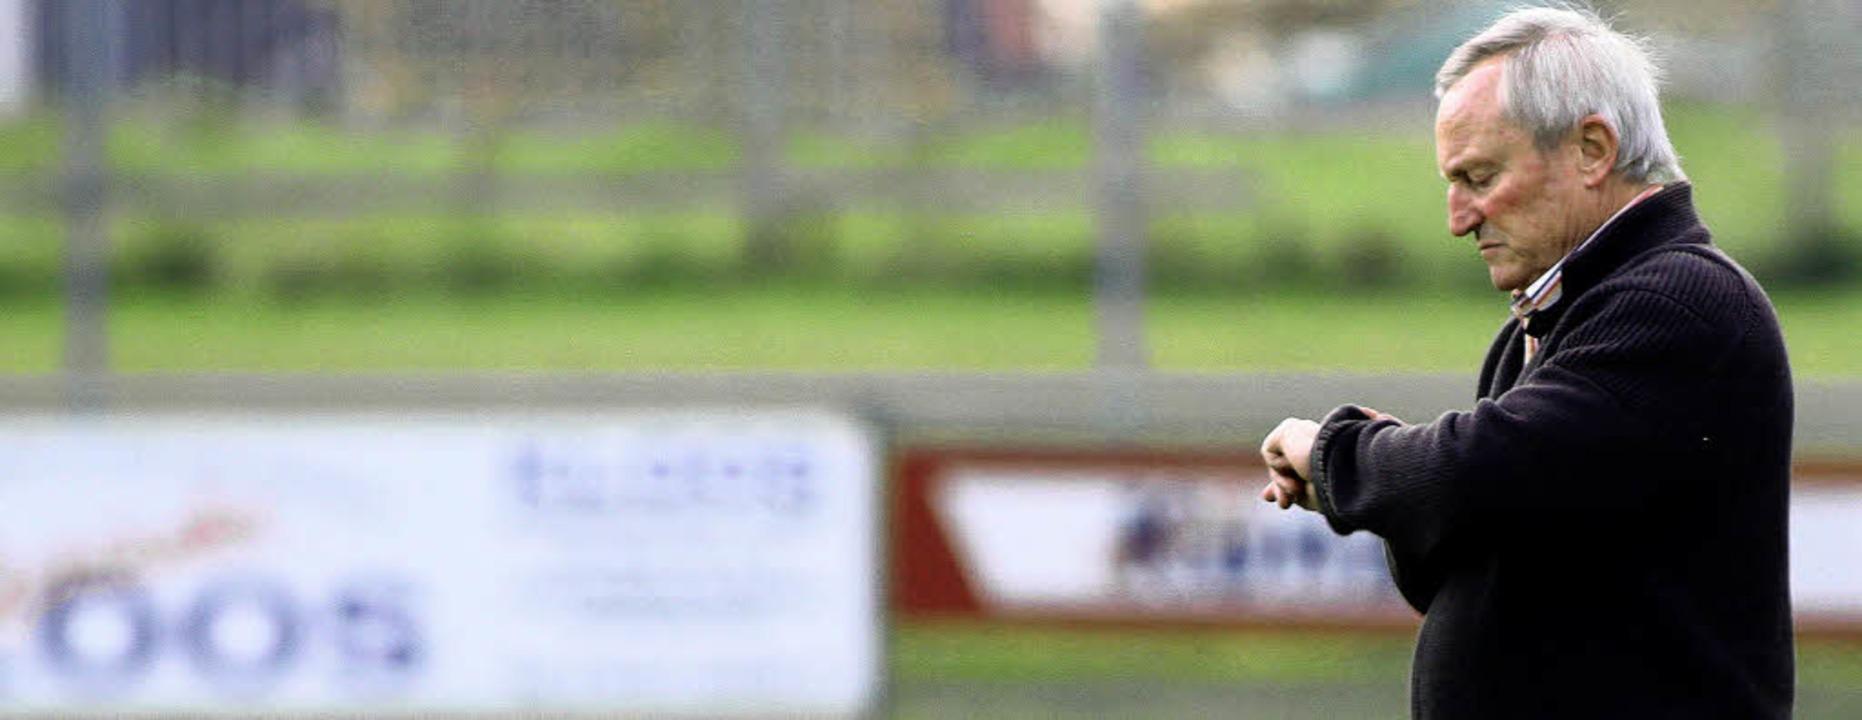 Noch ein Spiel, dann ist Pause für Trainer Michael Bellert und den SC Kappel.   | Foto:  Peter Aukthun (Archiv)